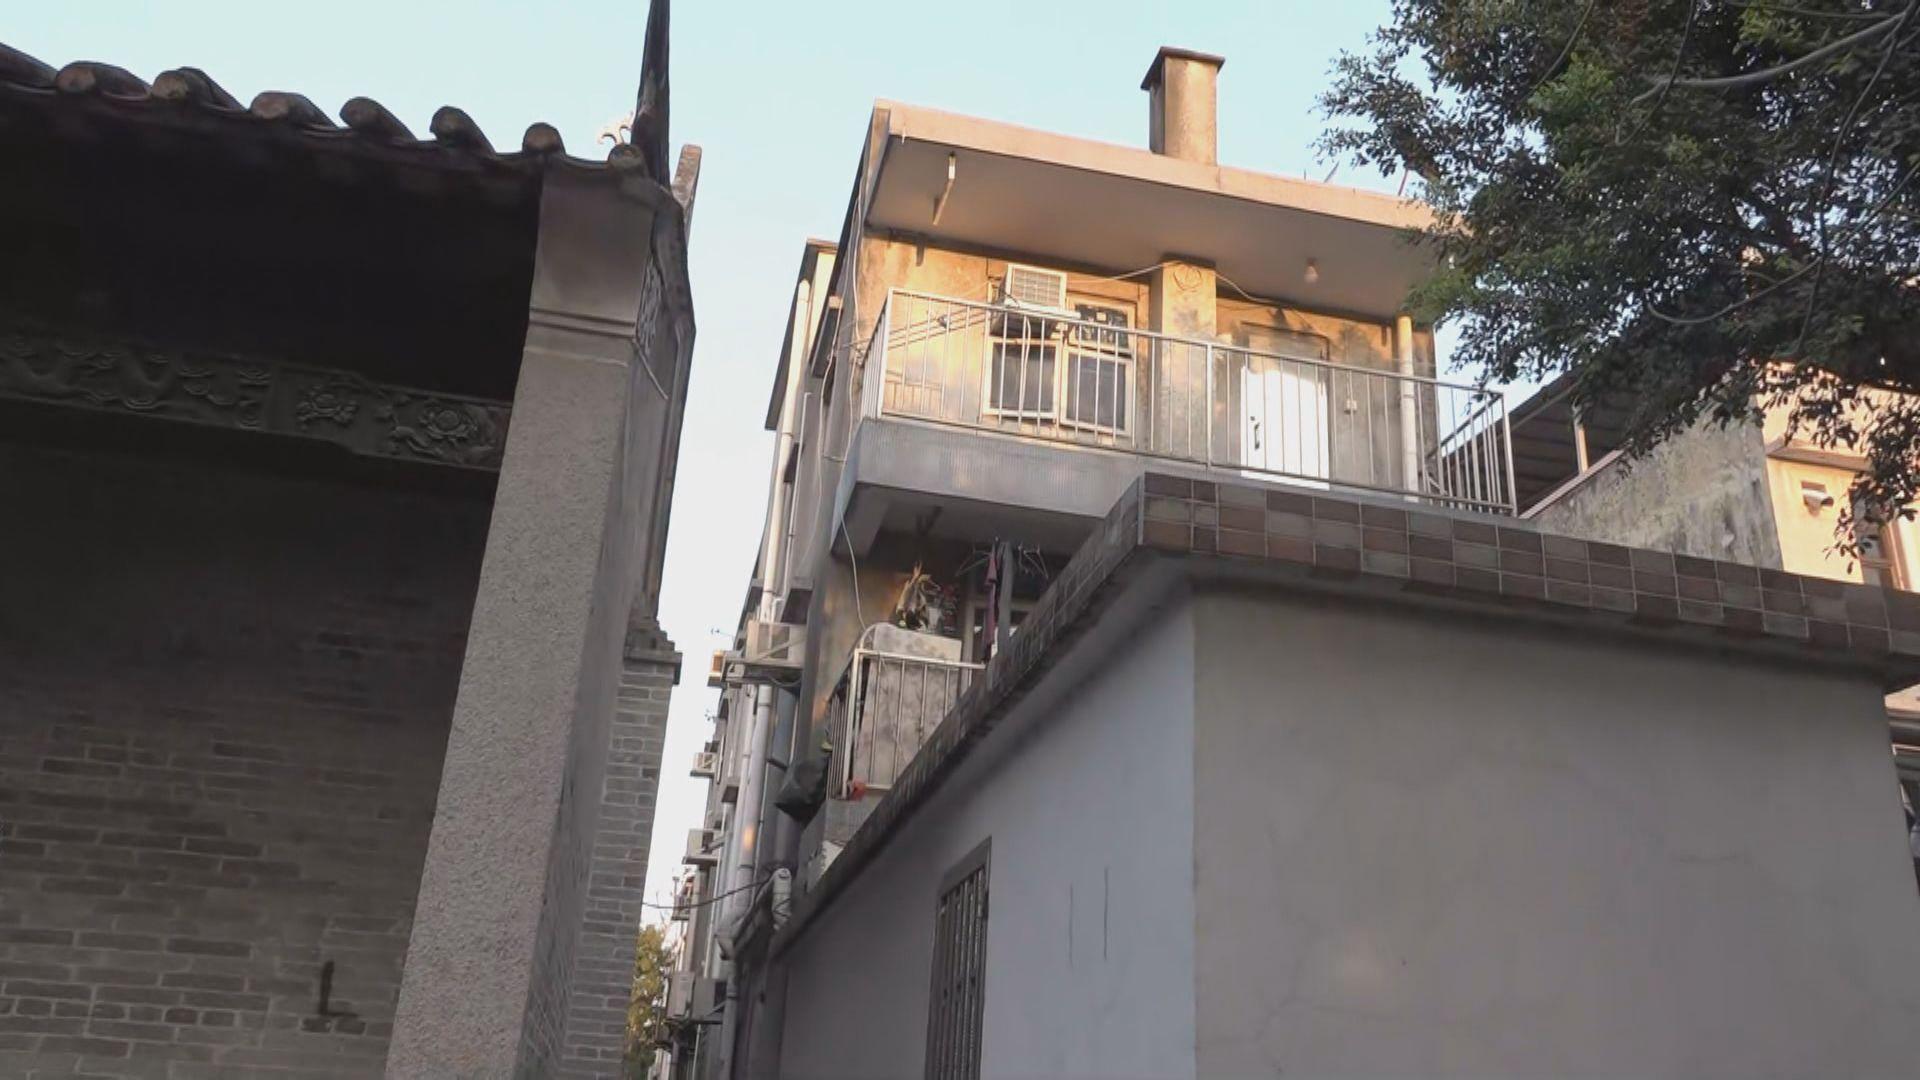 66歲男子倒斃屋內送殮房後確診感染新冠病毒